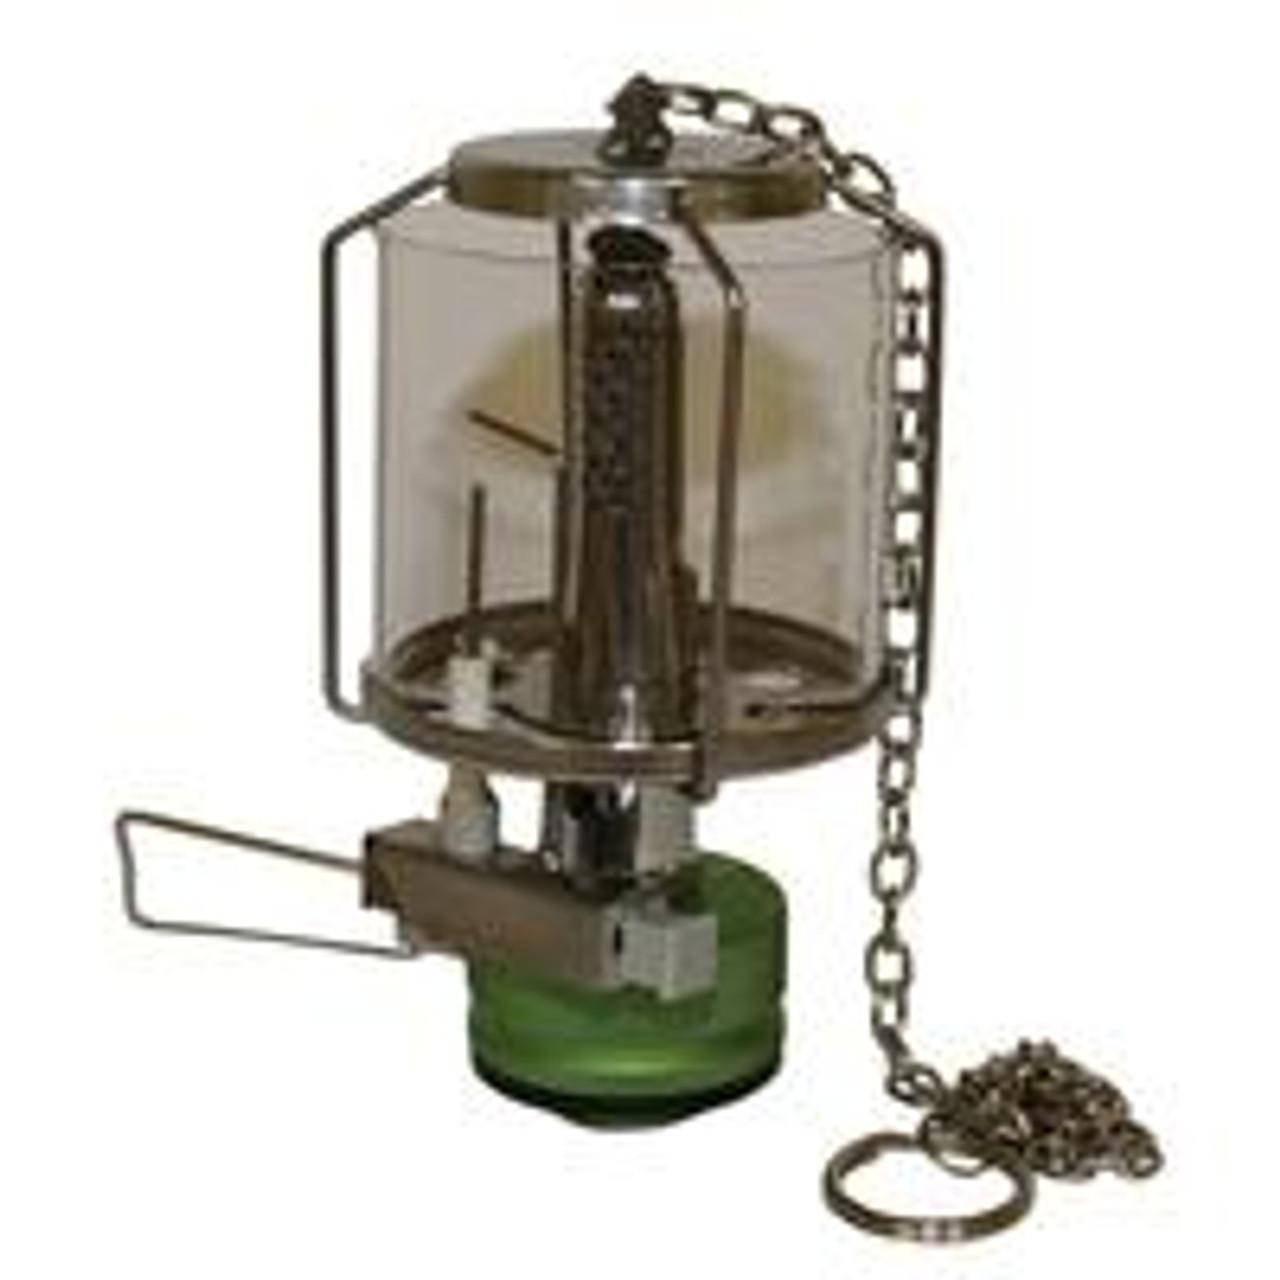 Halo peak sika lantern